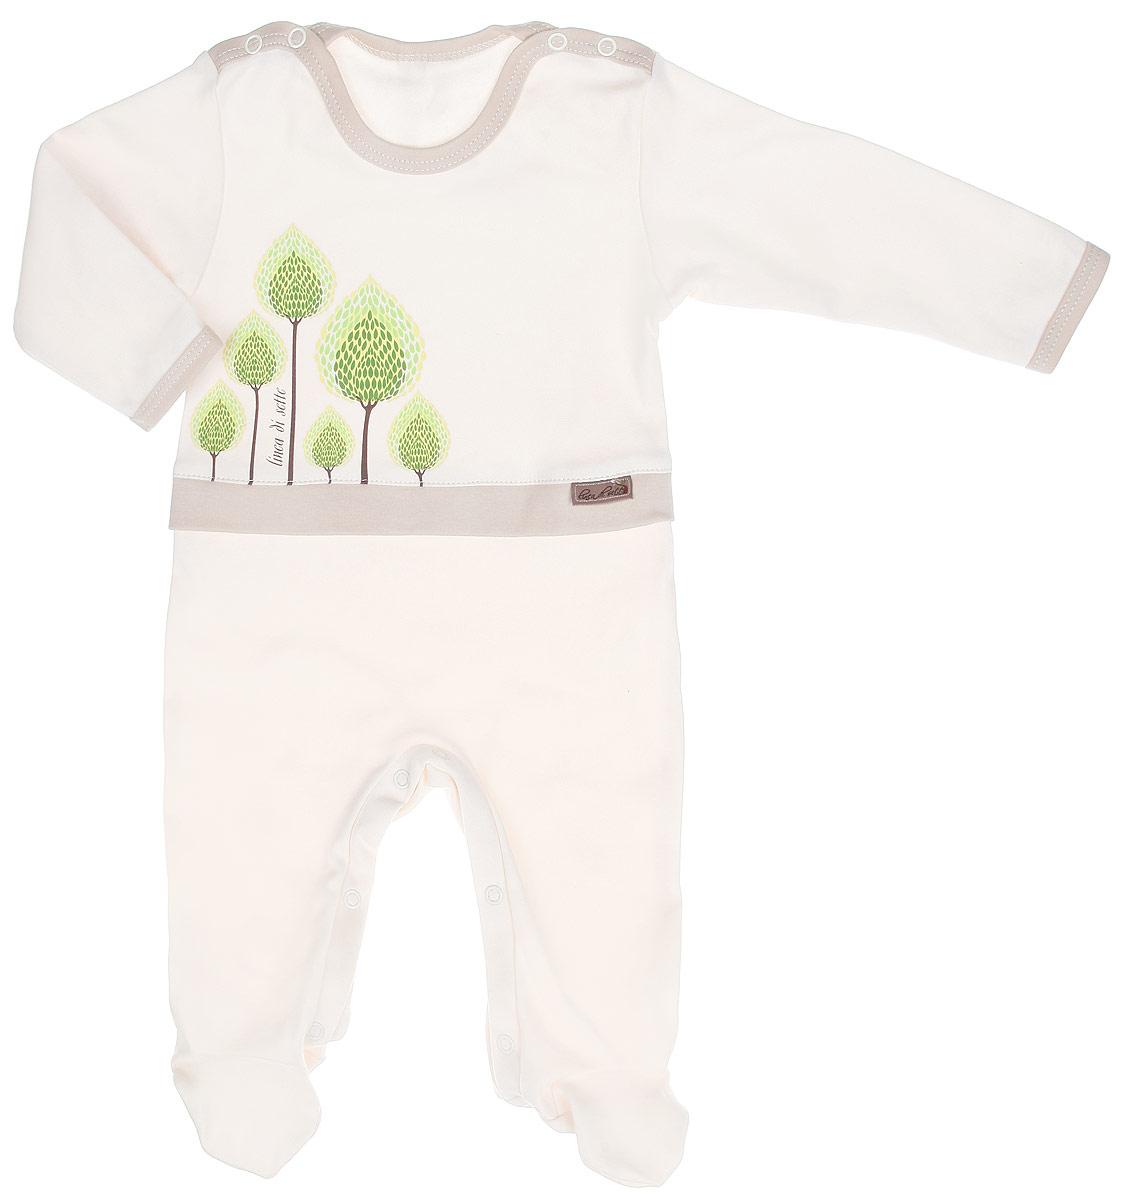 Комбинезон домашний02-0603Детский комбинезон Linea Di Sette Сказочный лес станет идеальным дополнением к гардеробу вашего ребенка. Изделие изготовлено из высококачественного органического полотна в соответствии с принятыми стандартами. Органический хлопок - это безвредная альтернатива традиционному хлопку, ткани из него не вредят нежной коже малыша, а также их производство безопасно для окружающей среды. Органический хлопок очень мягкий, отлично пропускает воздух, обеспечивая максимальный комфорт. Комбинезон с круглым вырезом горловины, длинными рукавами и закрытыми ножками имеет застежки-кнопки по плечевому шву и на ластовице, которые помогают легко переодеть младенца или сменить подгузник. Оформлена модель принтом с изображением деревьев, который выполнен безопасными водными красками. Изделие полностью соответствует особенностям жизни ребенка в ранний период, не стесняя и не ограничивая его в движениях. В таком комбинезоне кроха будет чувствовать себя комфортно, уютно и всегда ...